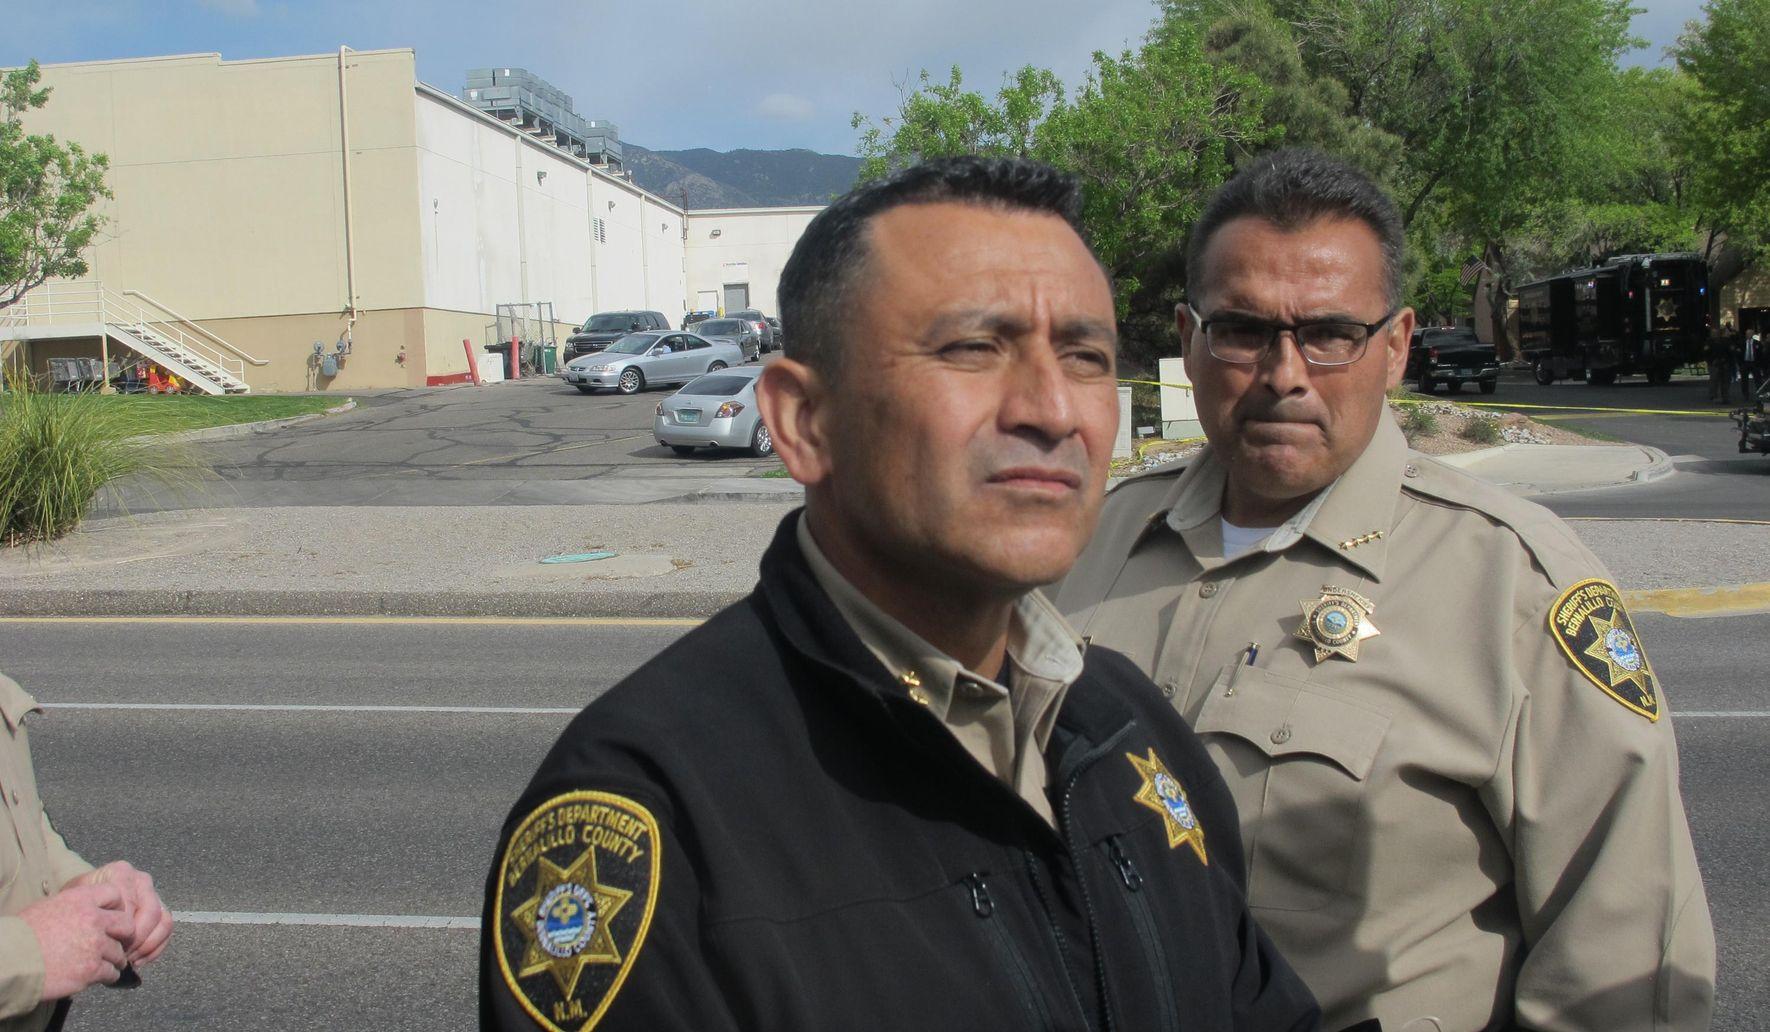 Sheriff: Fugitive killed in officer-involved shooting